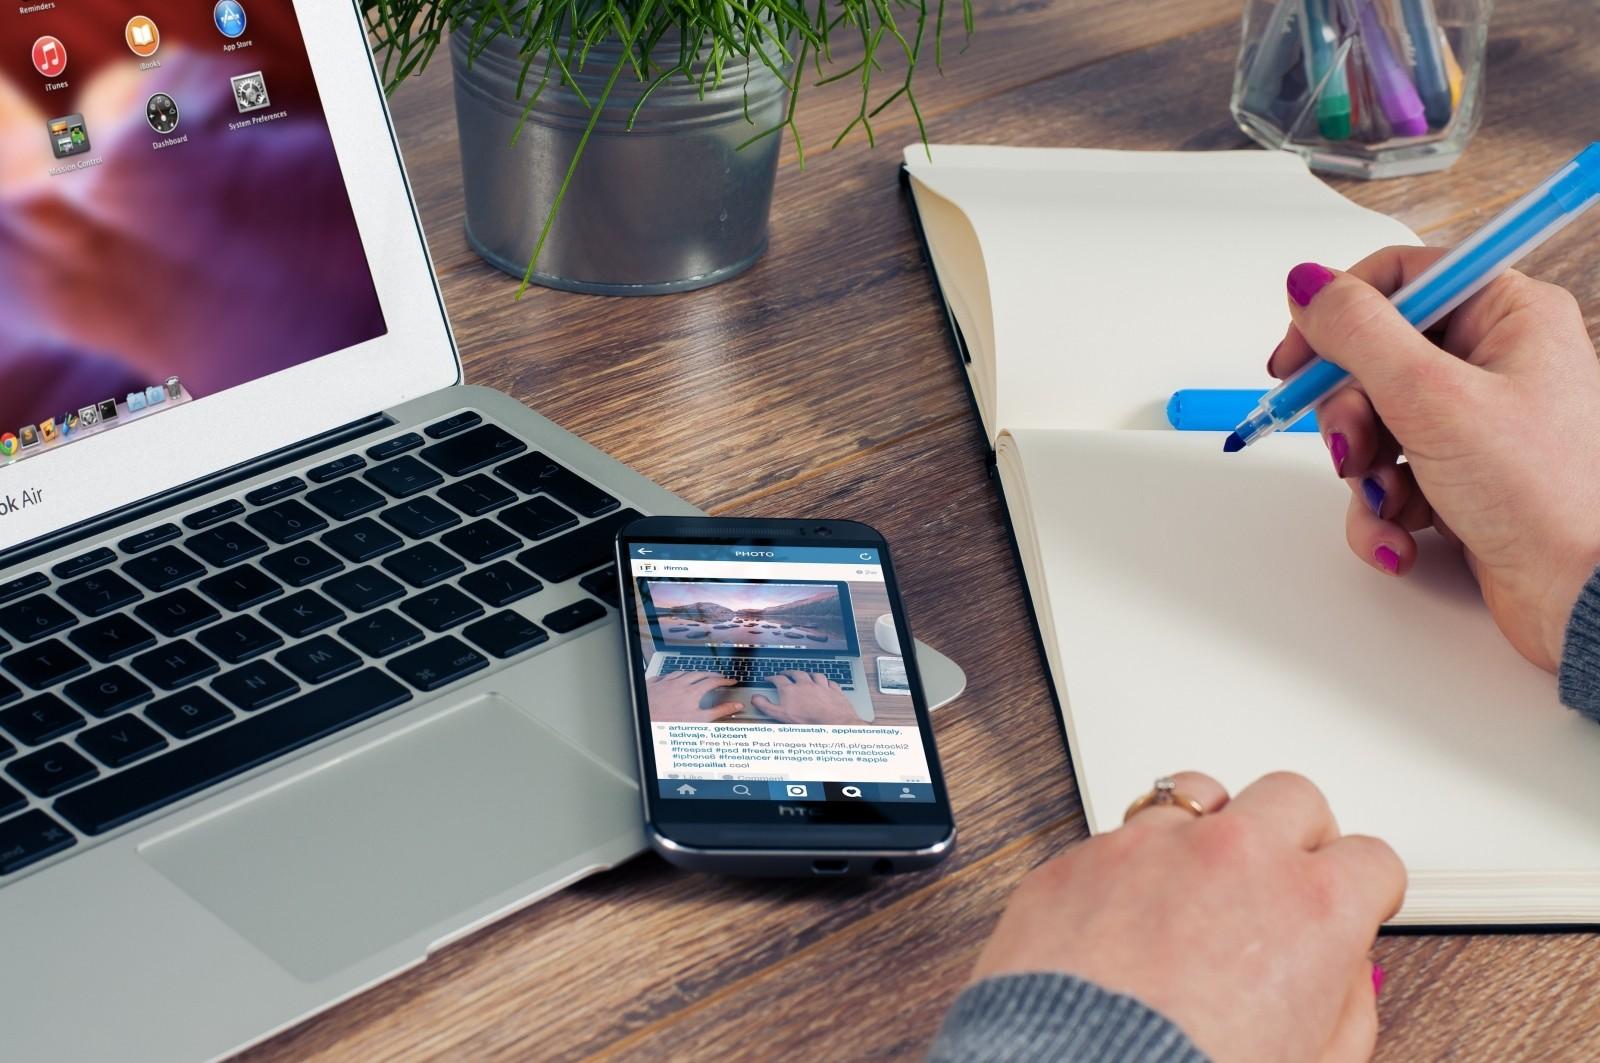 Hemsida företag, både i mobilen och på datorn